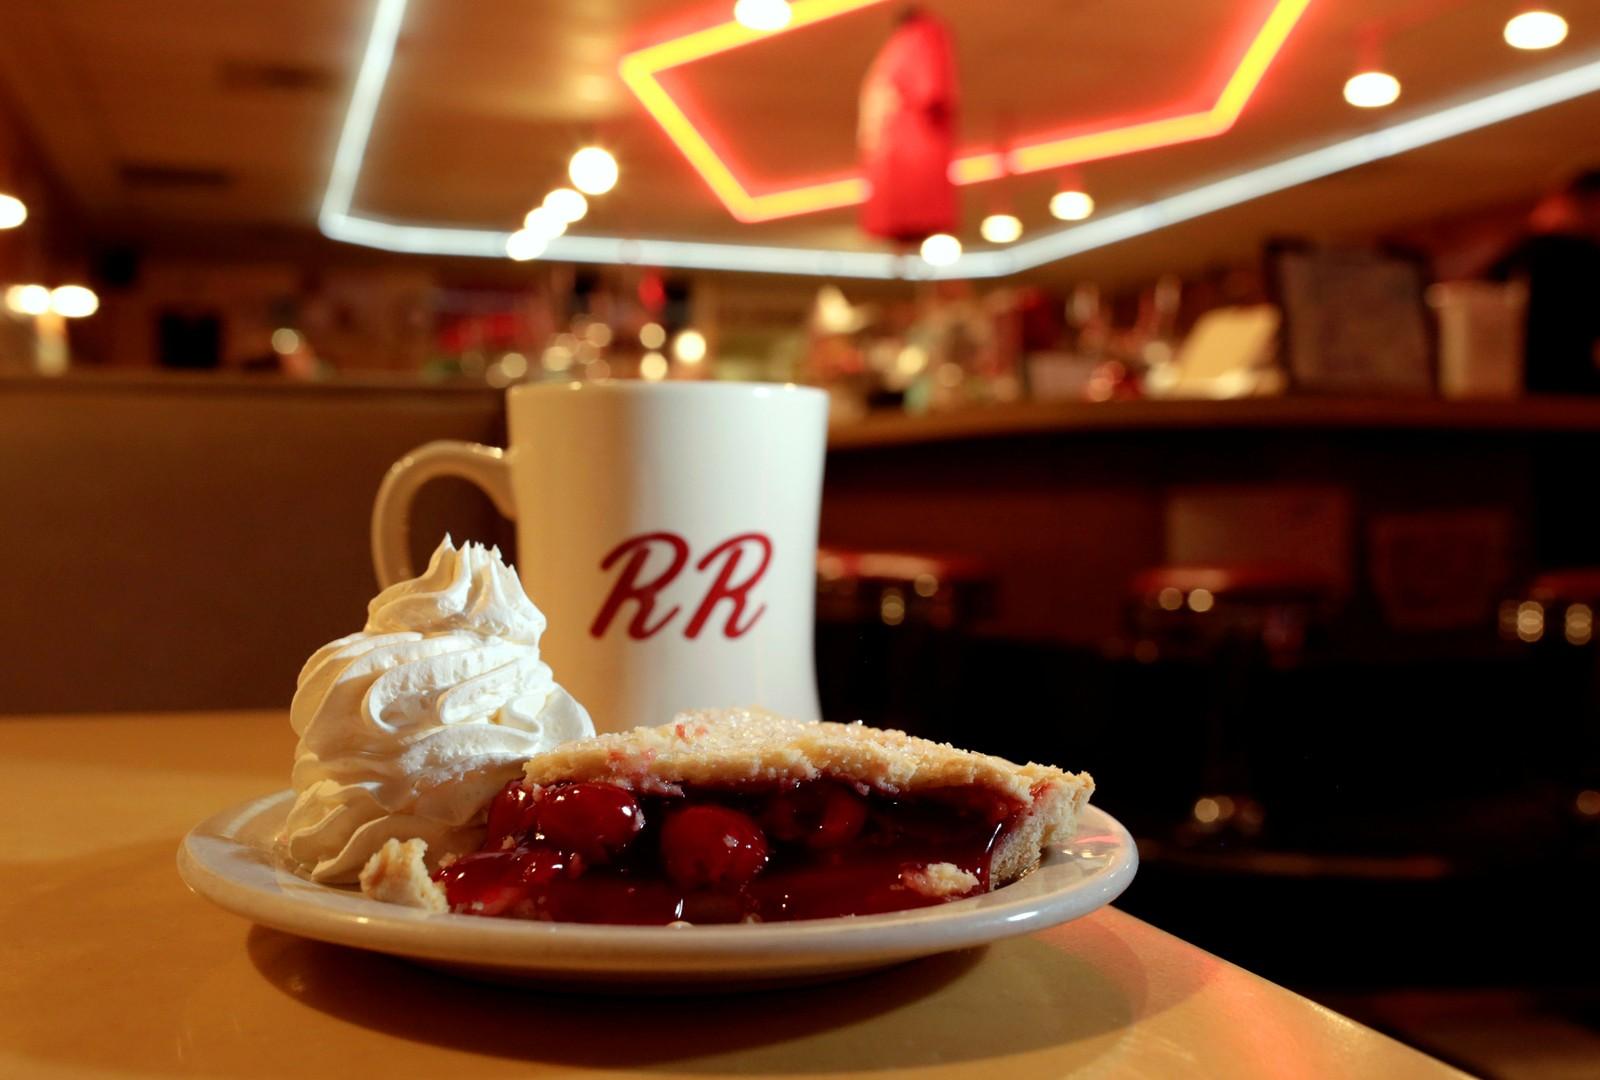 """En legendarisk kirsebærpai og kaffekopp. Dette bildet er tatt i Twede's Cafe i North Bend i Washington i USA. I serien Twin Peaks er cafeen kjent som """"Double R Diner""""."""